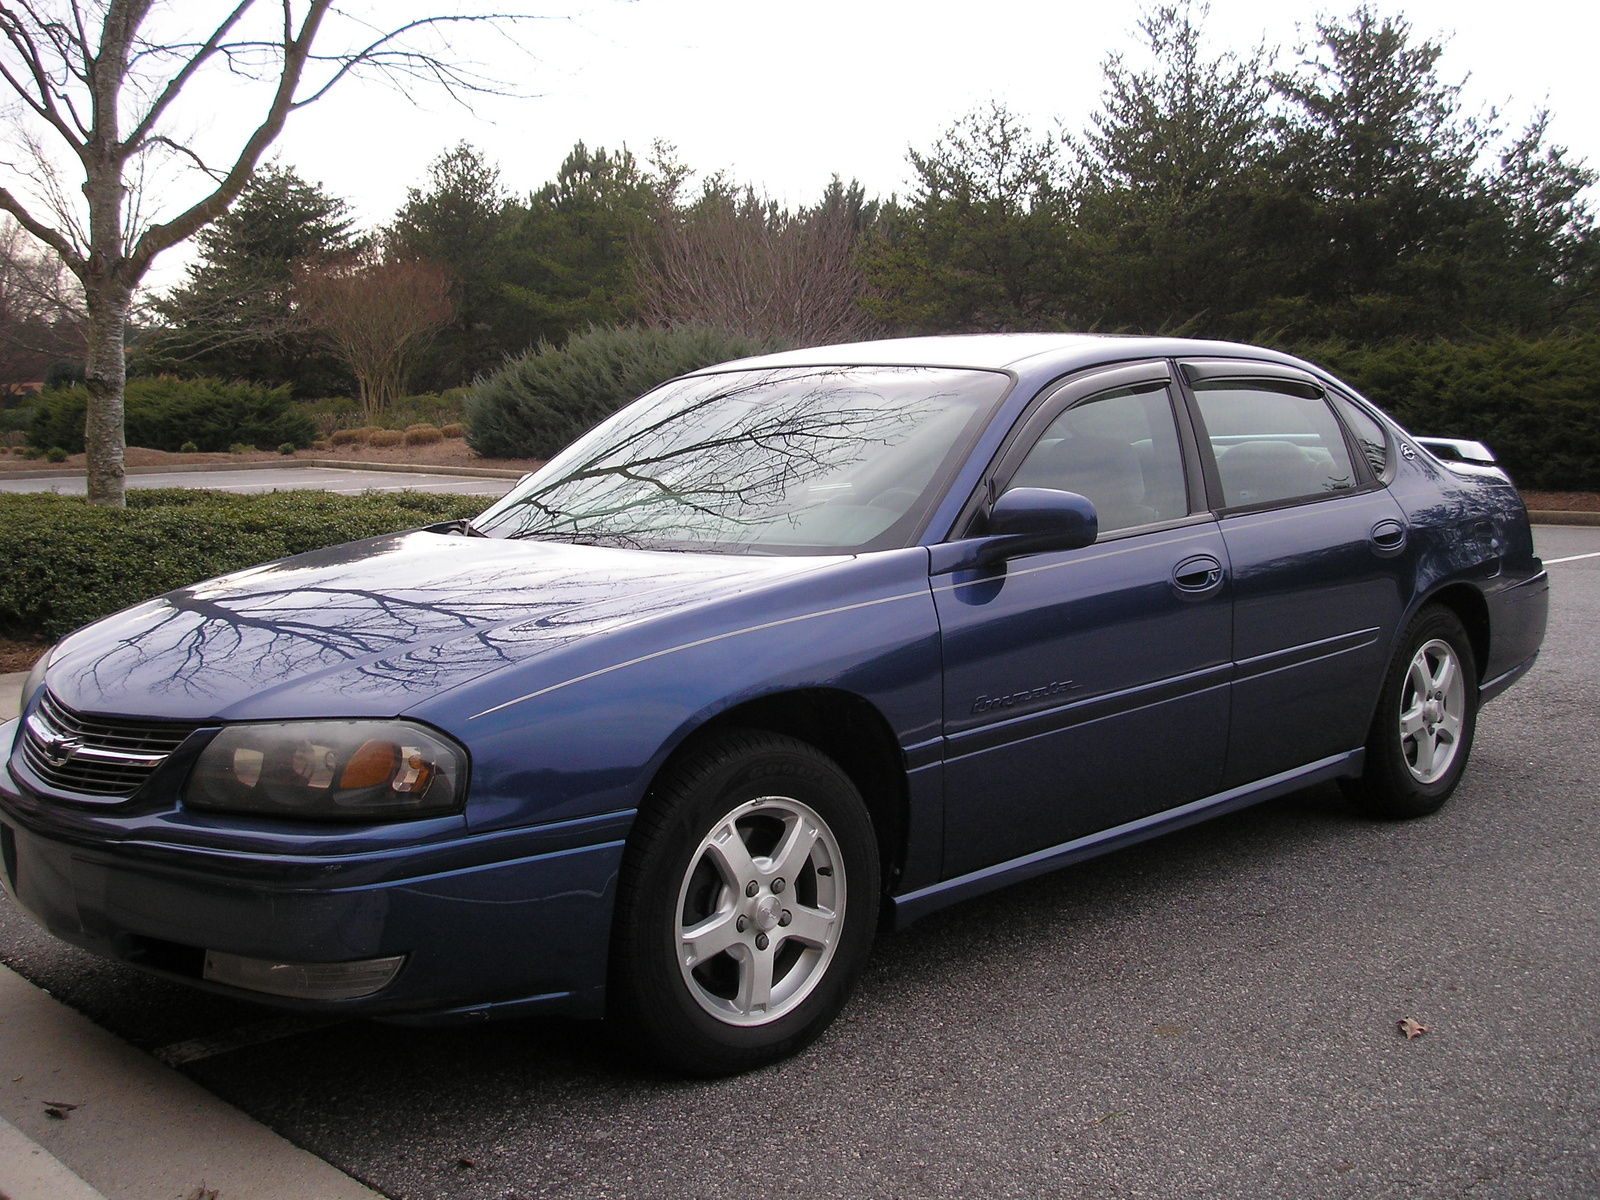 2004 Chevrolet Impala - Pictures - CarGurus